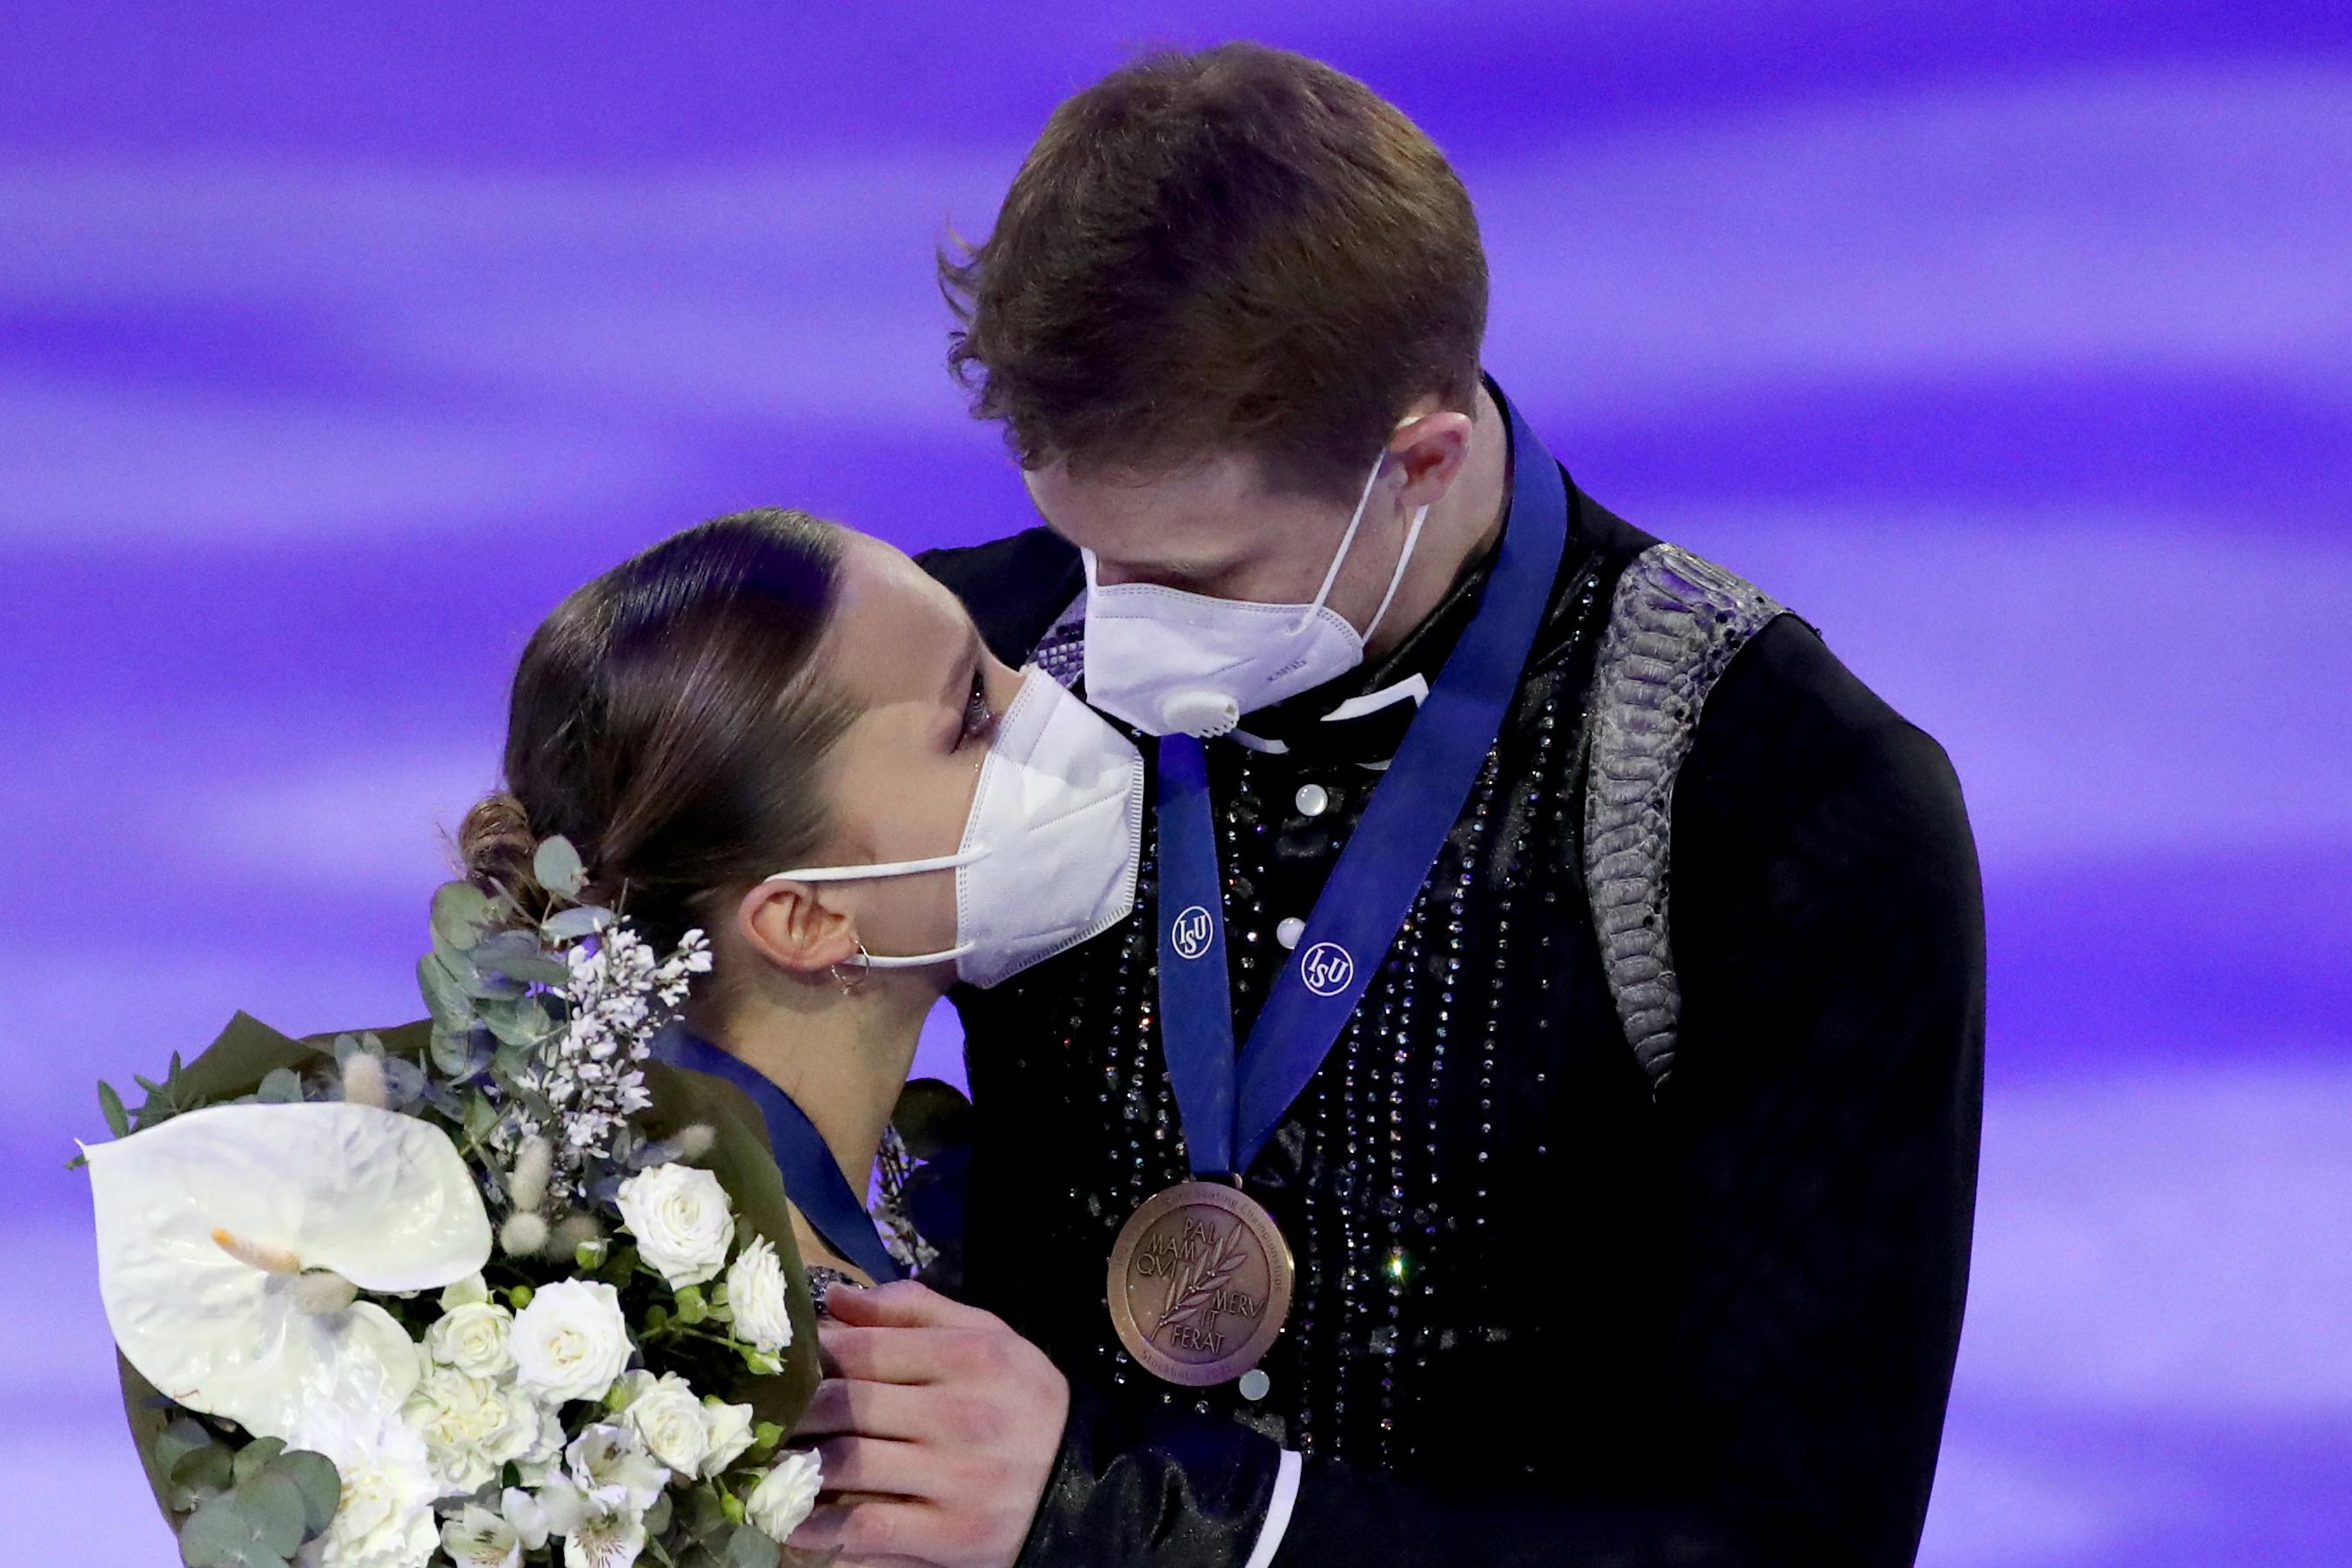 'Поздравляю, у вас есть чемпионы': Скандальная история Загитовой и Медведевой всплыла там, где не ждали